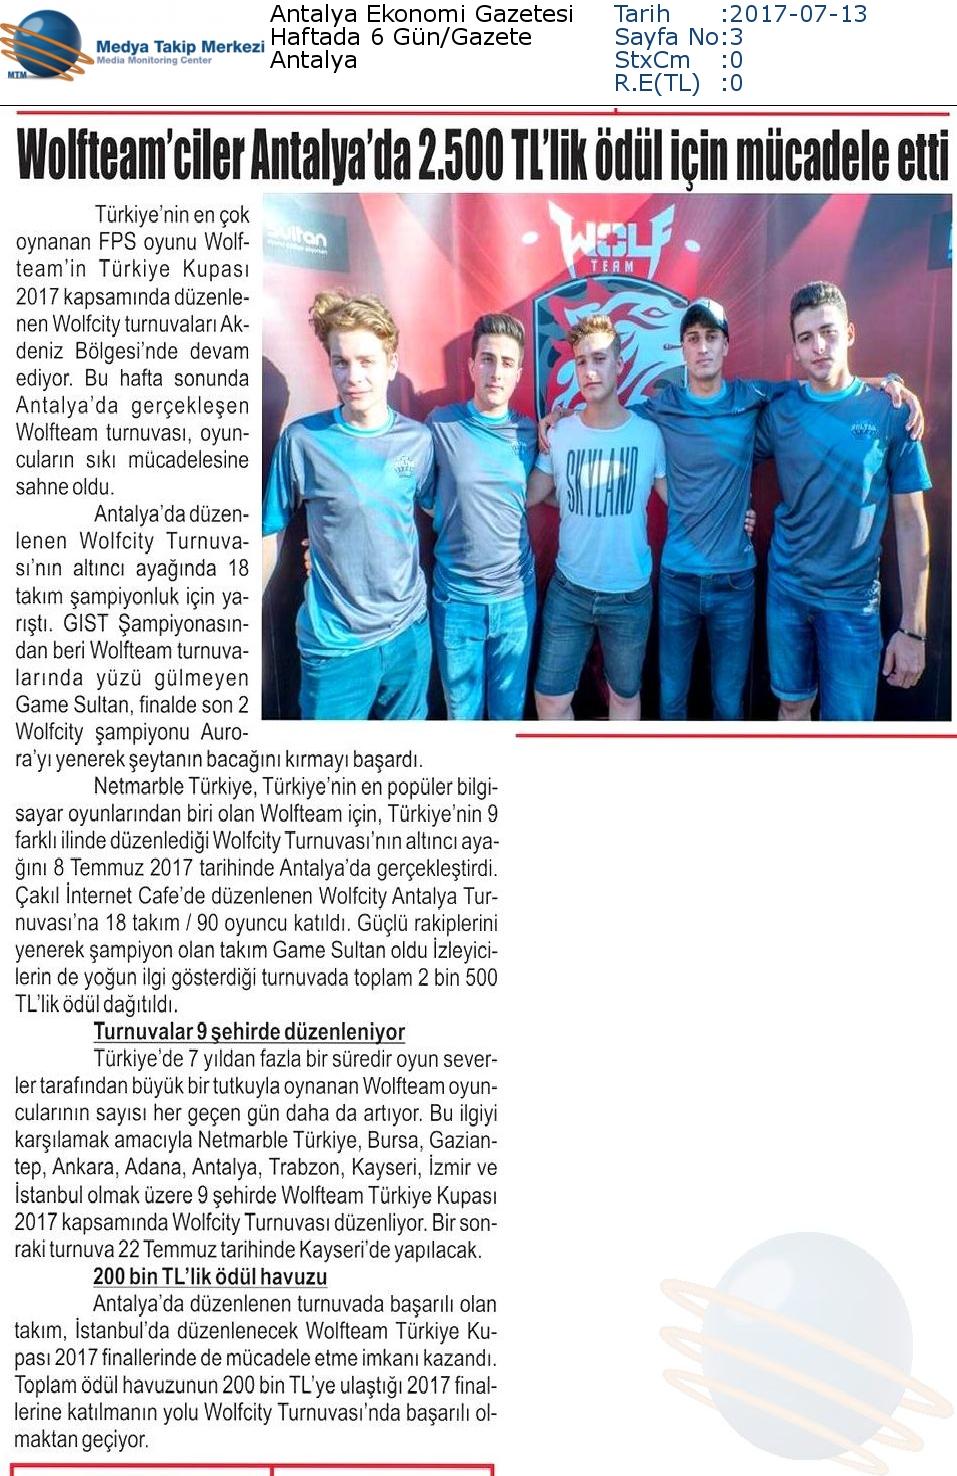 Antalya_Ekonomi_Gazetesi-WOLFTEAMCİLER_ANTALYADA_2500_TLLİK_ÖDÜL_İÇİN_MÜCADELE_ETTİ-13.07.2017